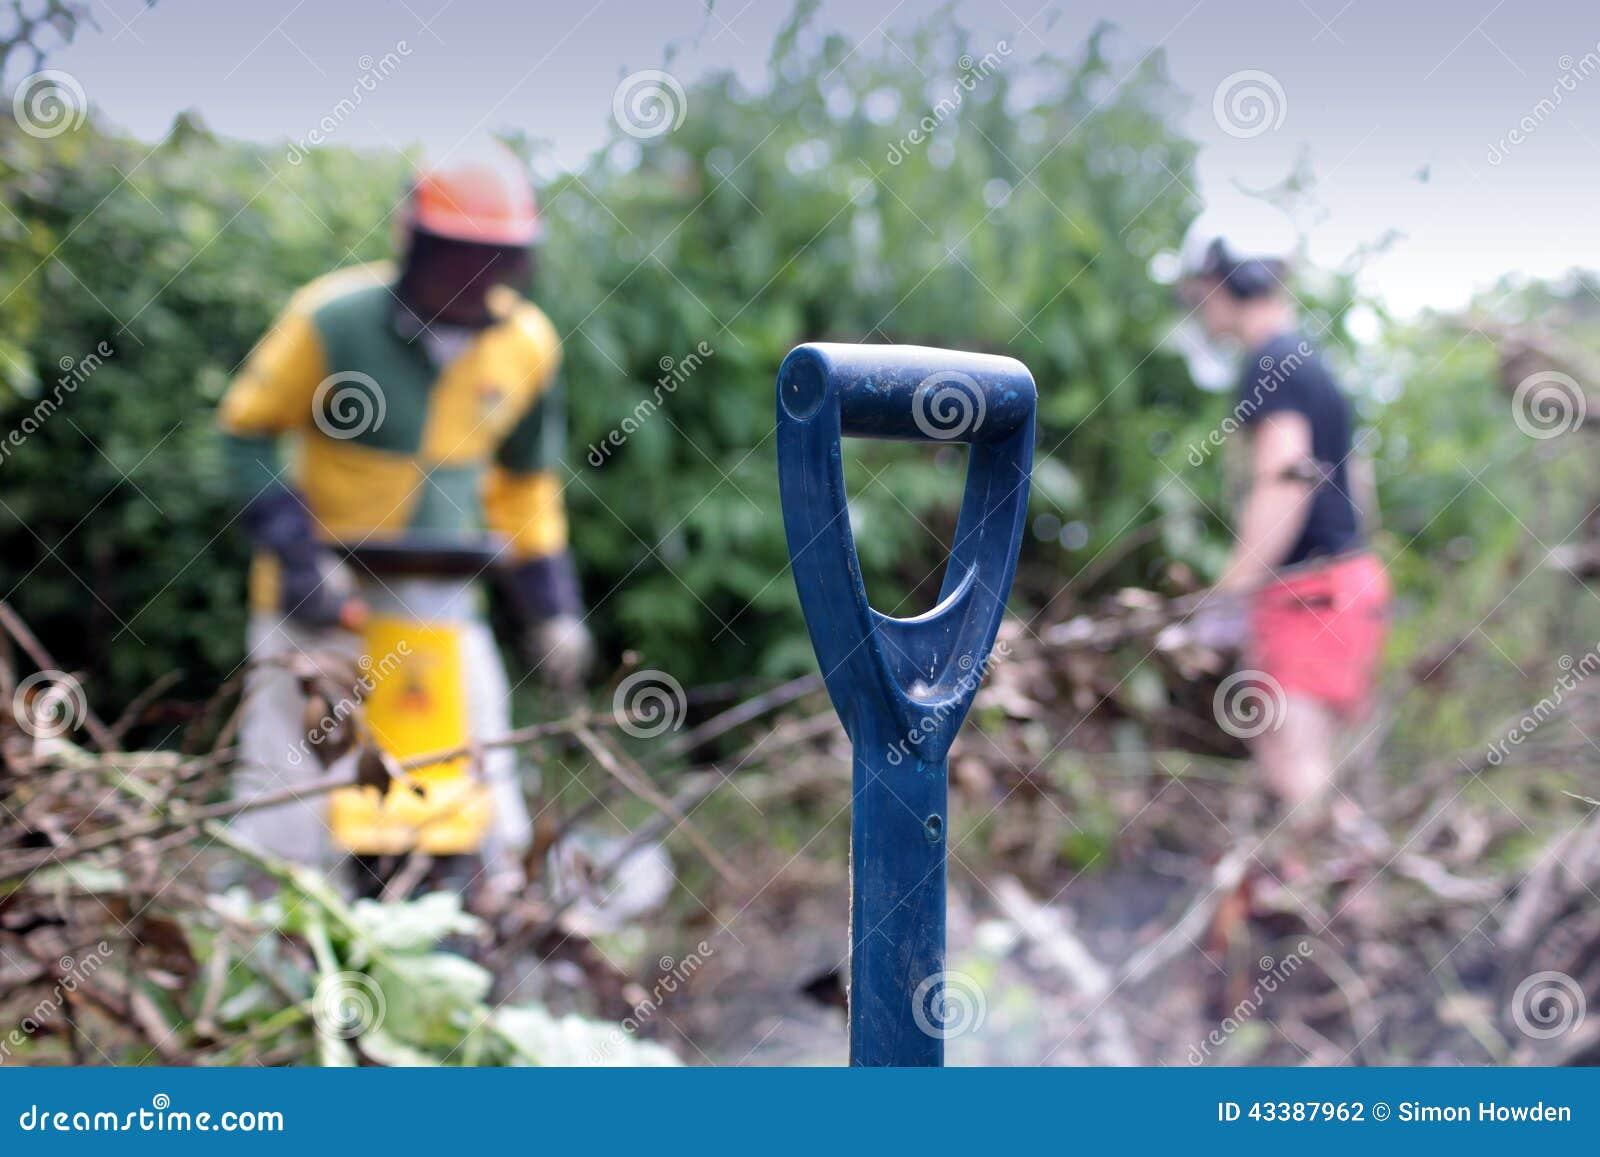 Mantenimiento del jardín